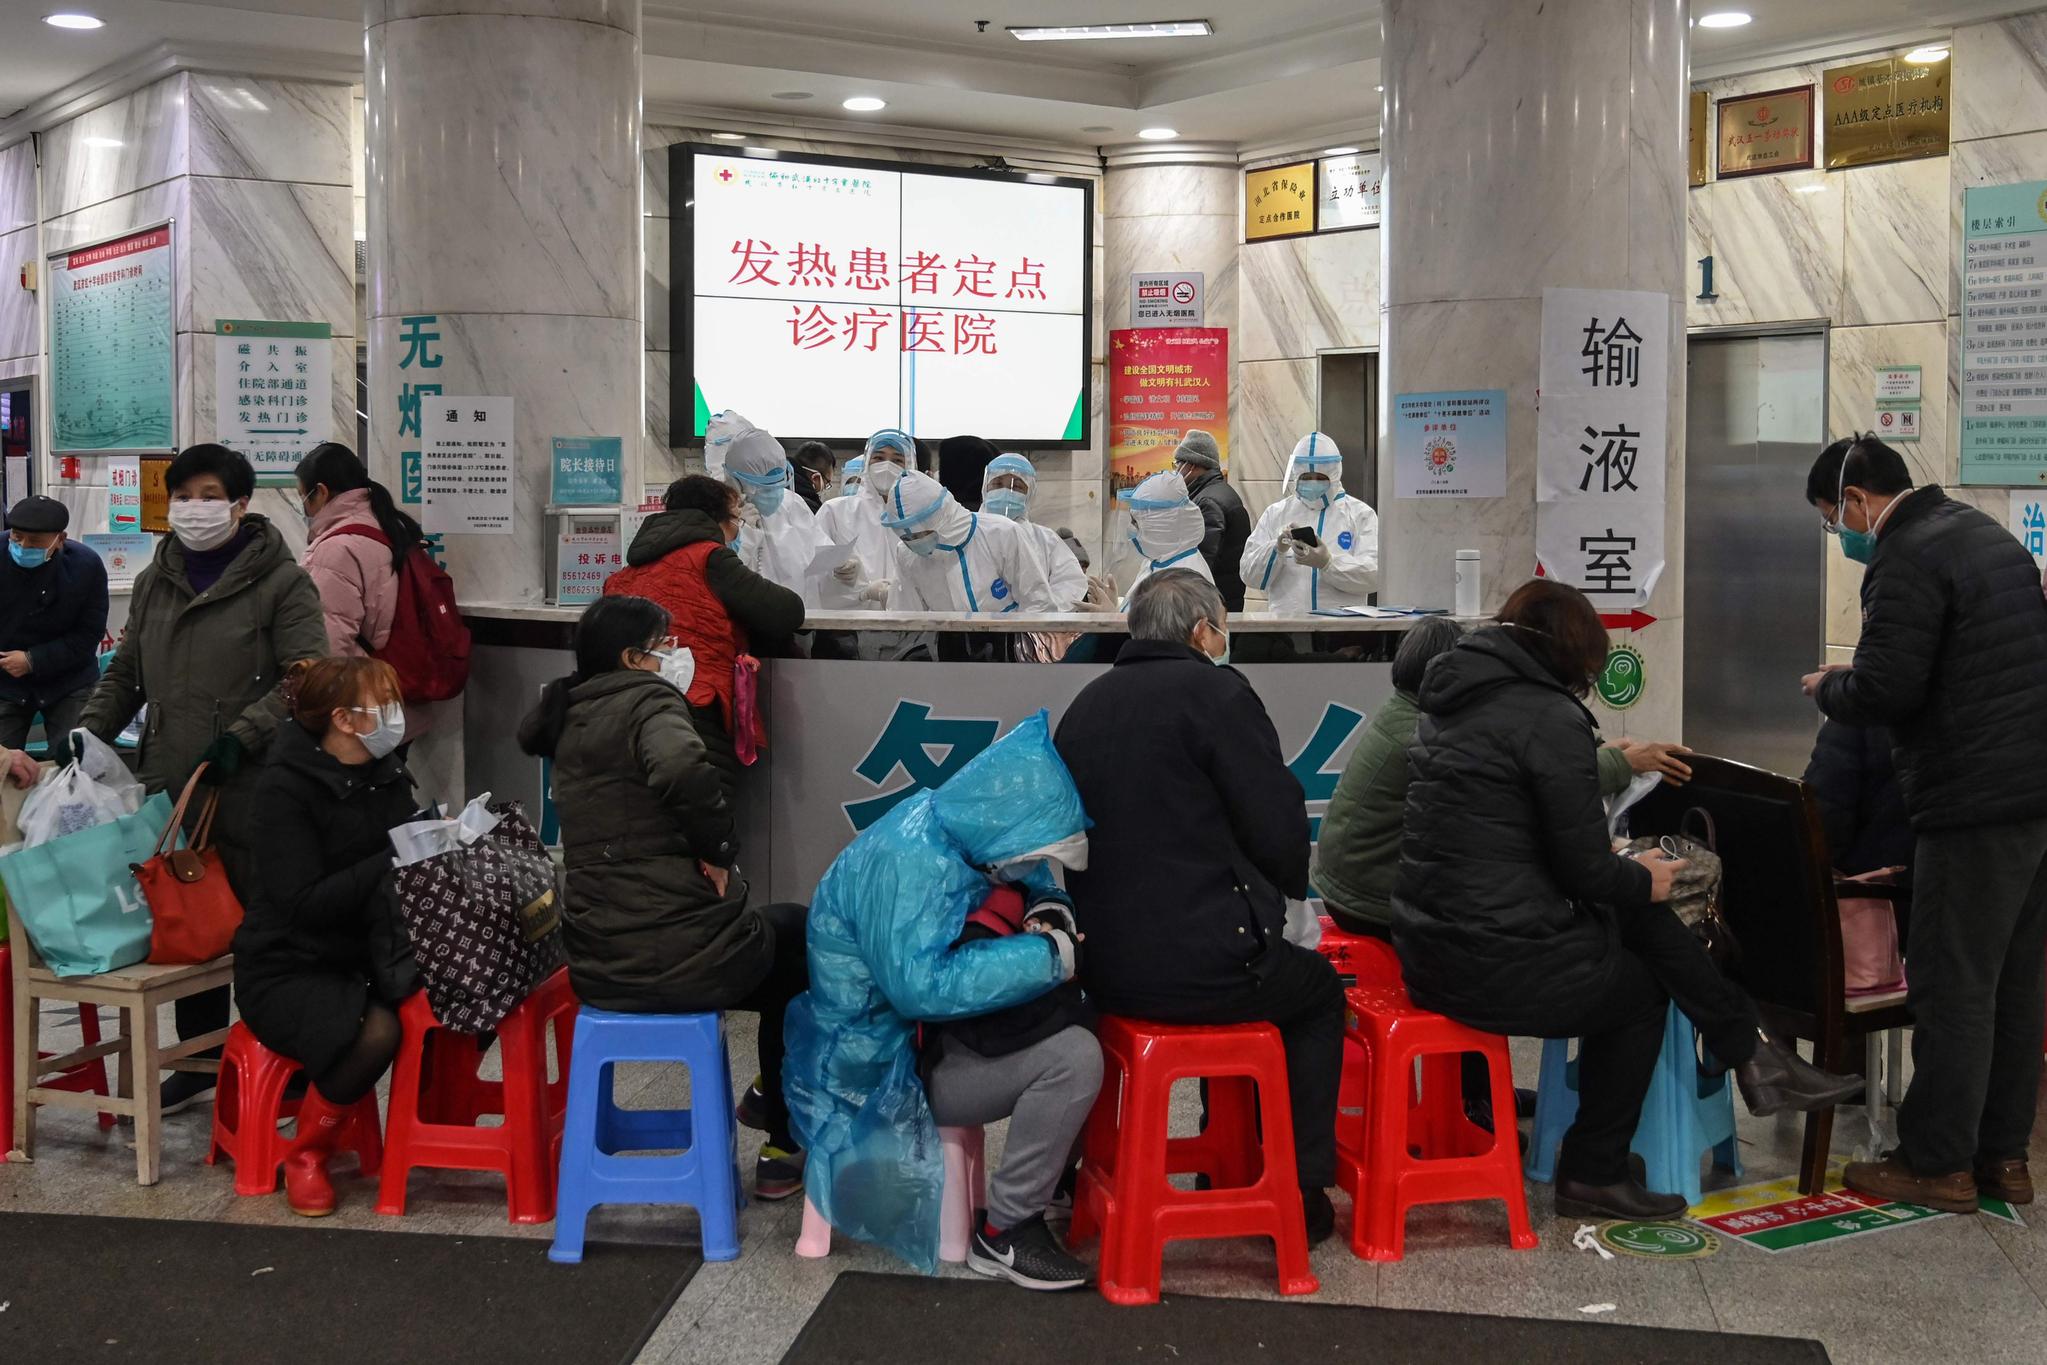 지난 24일 중국 우한의 한 병원에서 사람들이 진료를 기다리고 있다. 뒤로는 보호장구를 착용한 메디컬 스태프의 모습이 보인다. [AFP=연합뉴스]